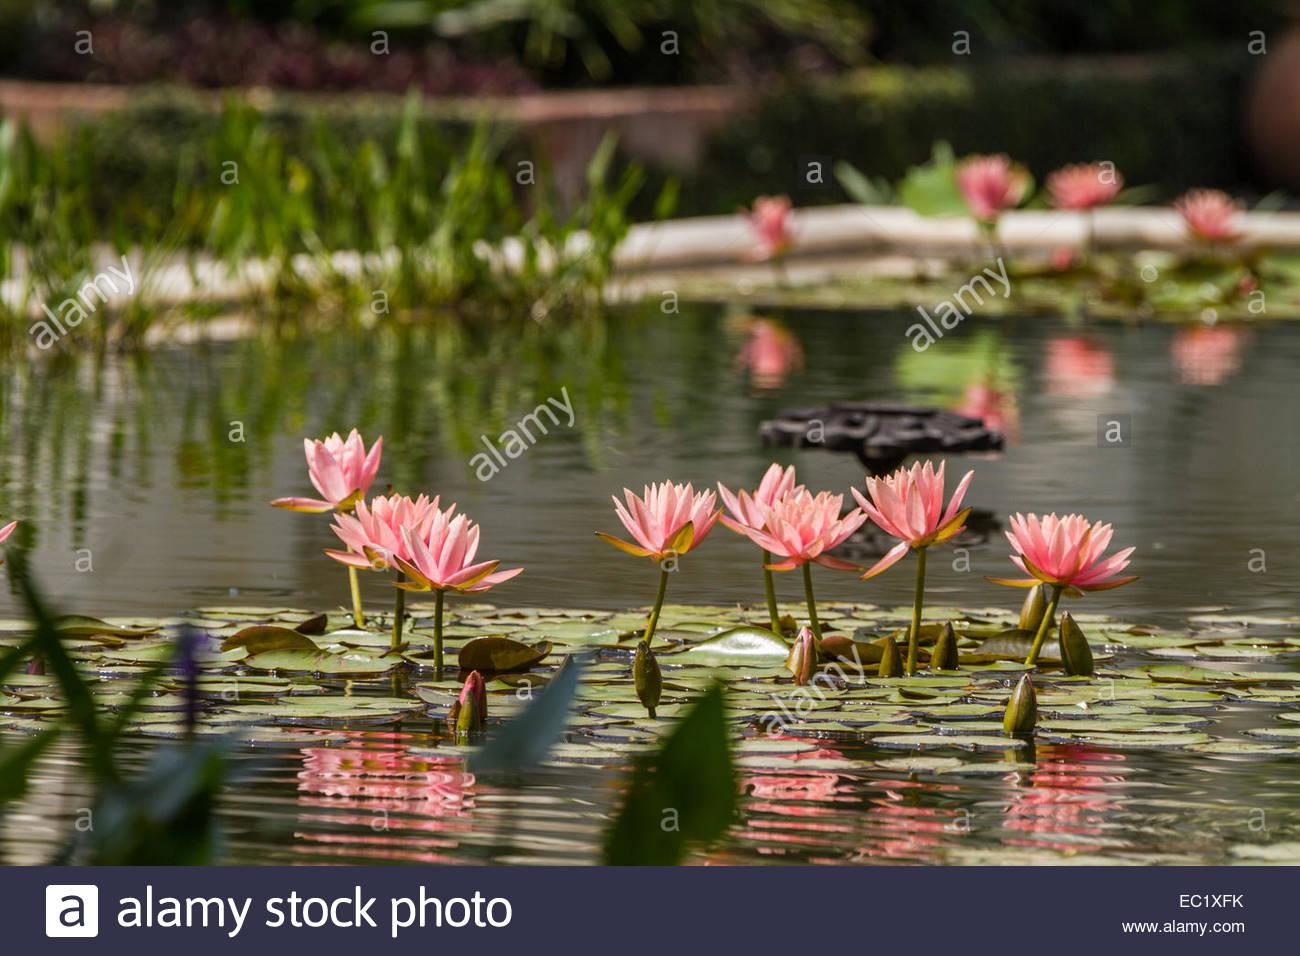 Lotus flowers pond nepal stock photos lotus flowers pond nepal lotus in pond nepal stock image izmirmasajfo